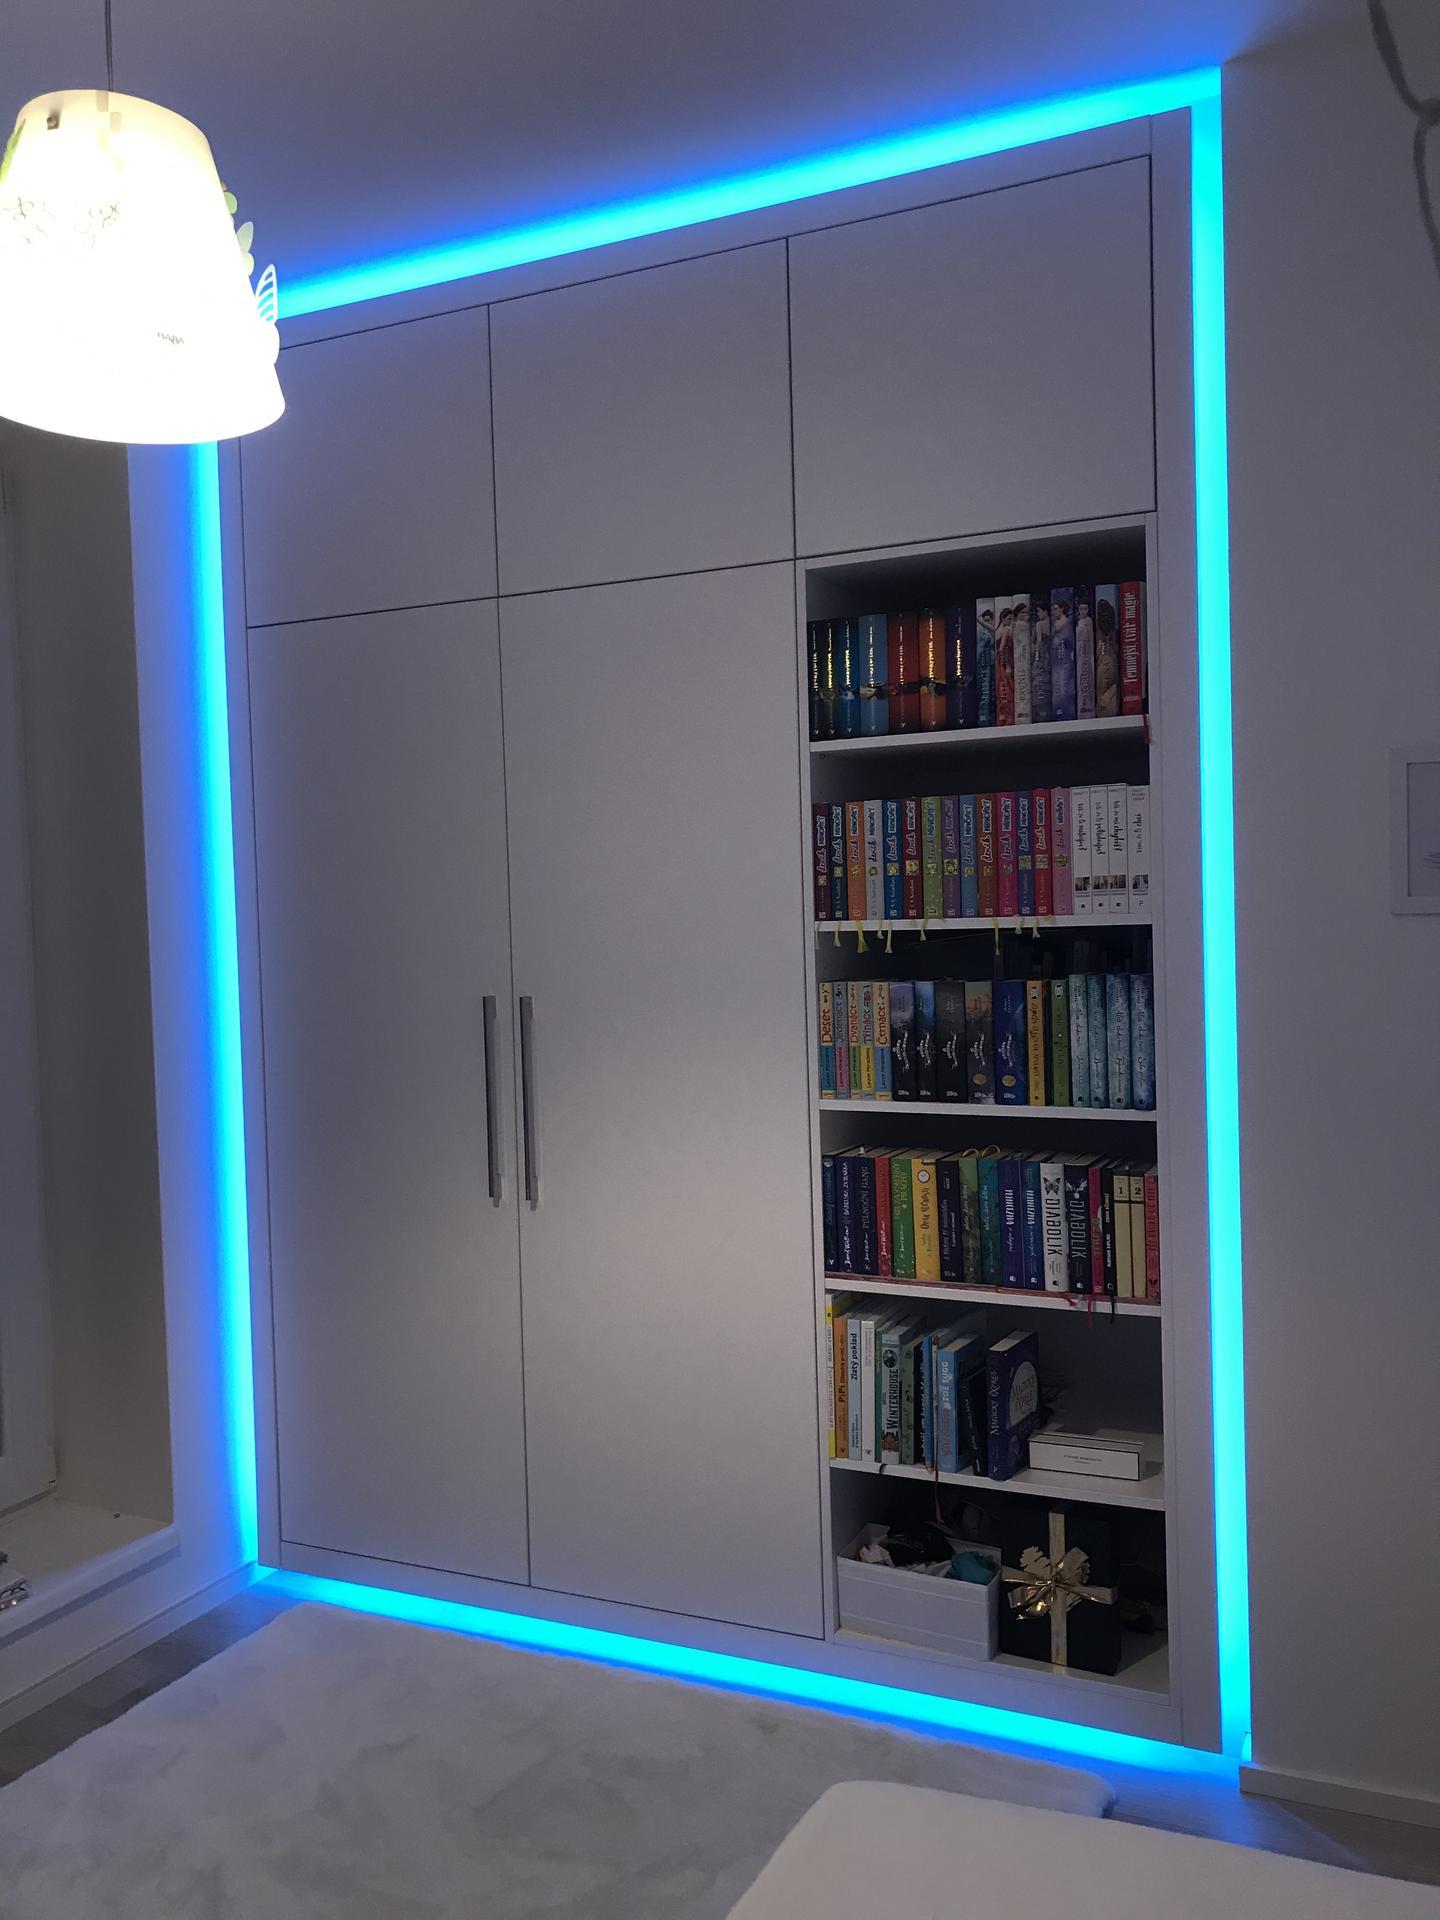 Vestavna skříň s knihovnou pro dceru.  Vychytavkou je led osvětlení kolem skříně ve 24 barvách:) Dcera sedí s dálkovým ovladačem na posteli a mění si barvičky dle nálady:) - Obrázek č. 2